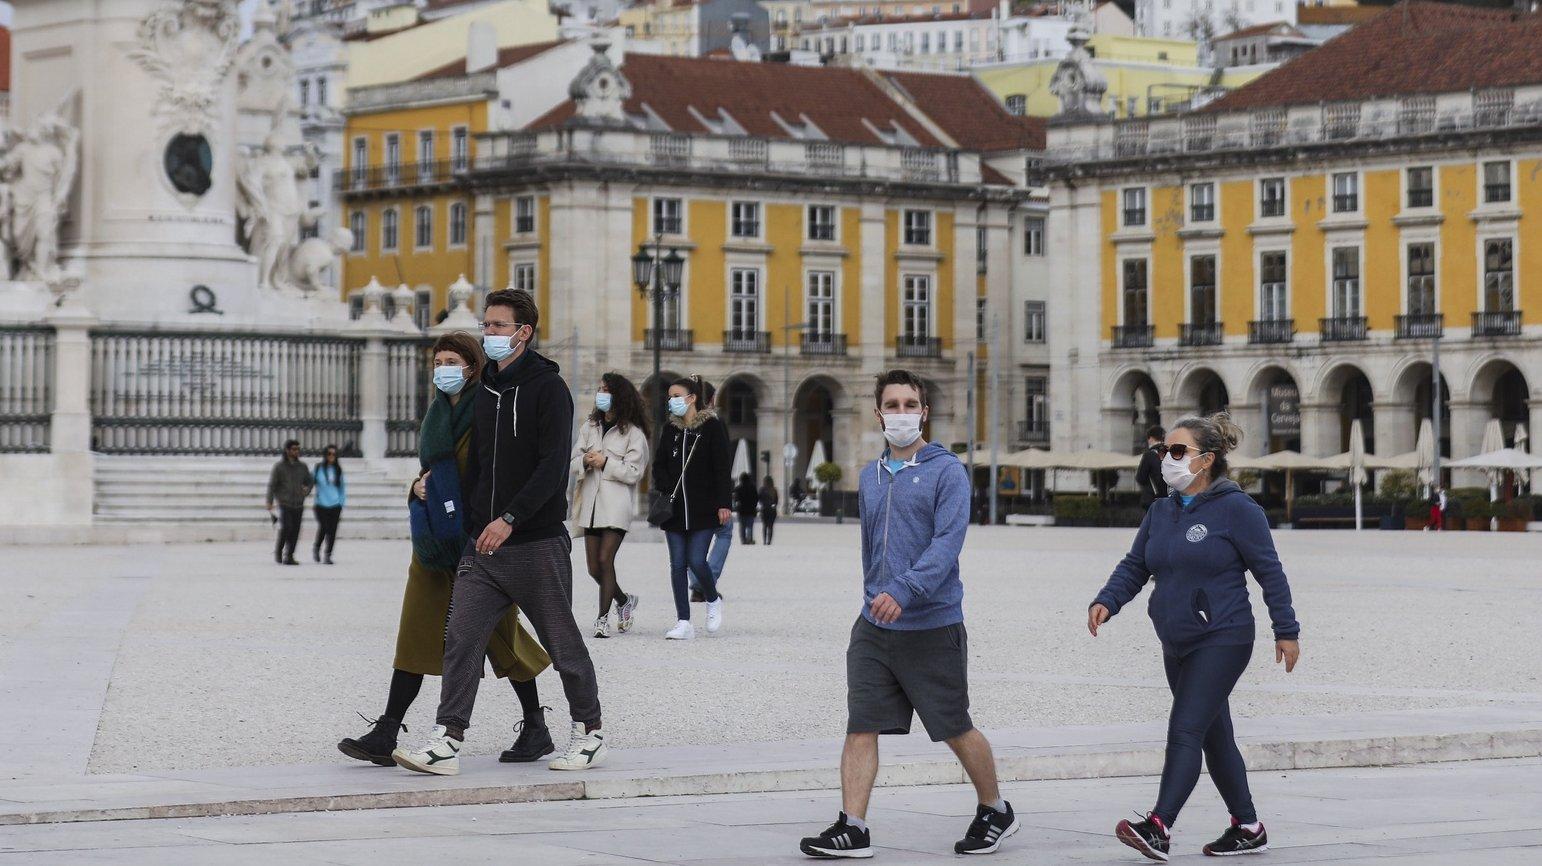 Pessoas passeiam no Terreiro do Paço em Lisboa, durante período com medidas de restrição impostas pelo novo confinamento, na sequência da pandemia de Covid-19, 30 de janeiro de 2021. MIGUEL A. LOPES/LUSA